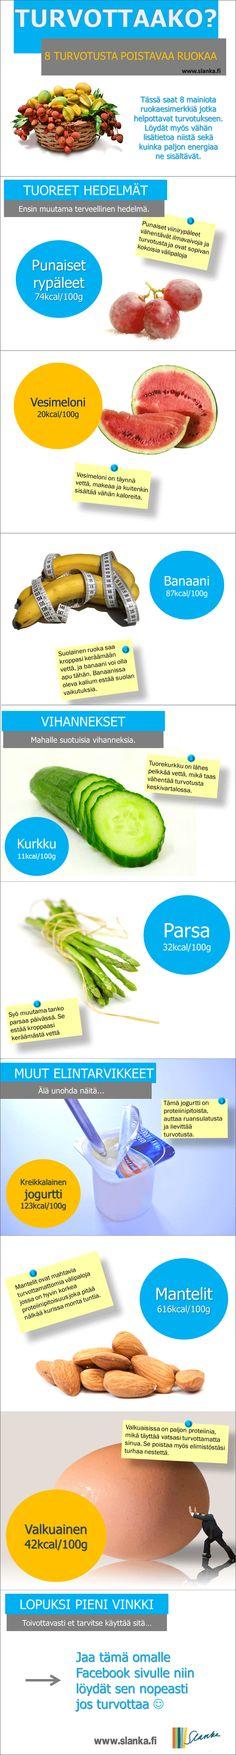 8 turvotusta helpottavaa ruoakaa  http://www.slanka.fi/2012/08/8-turvotusta-poistavaa-ruokaa/